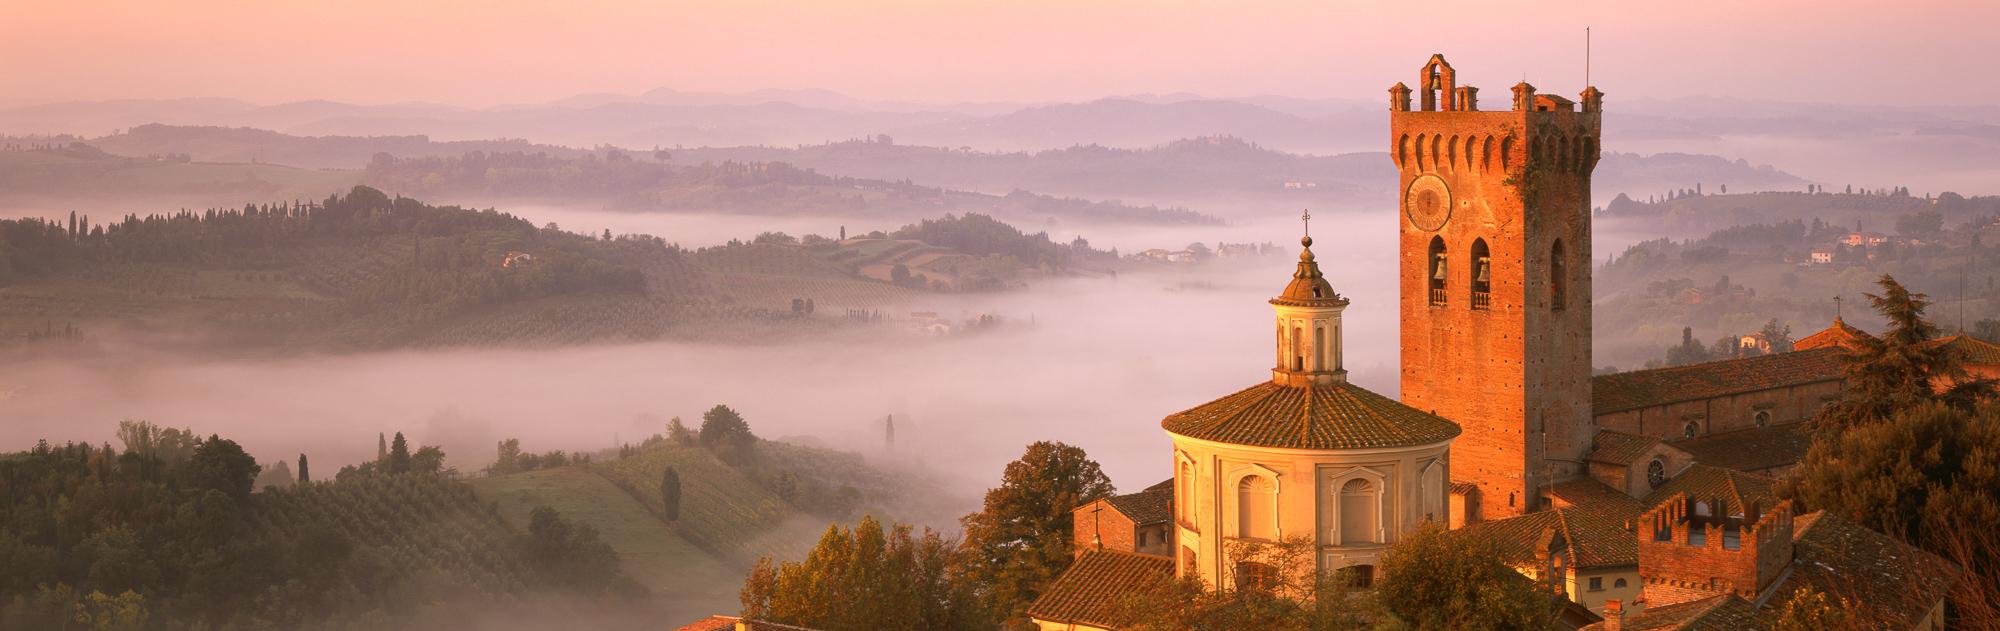 Mist below San Miniato, Tuscany, Italy